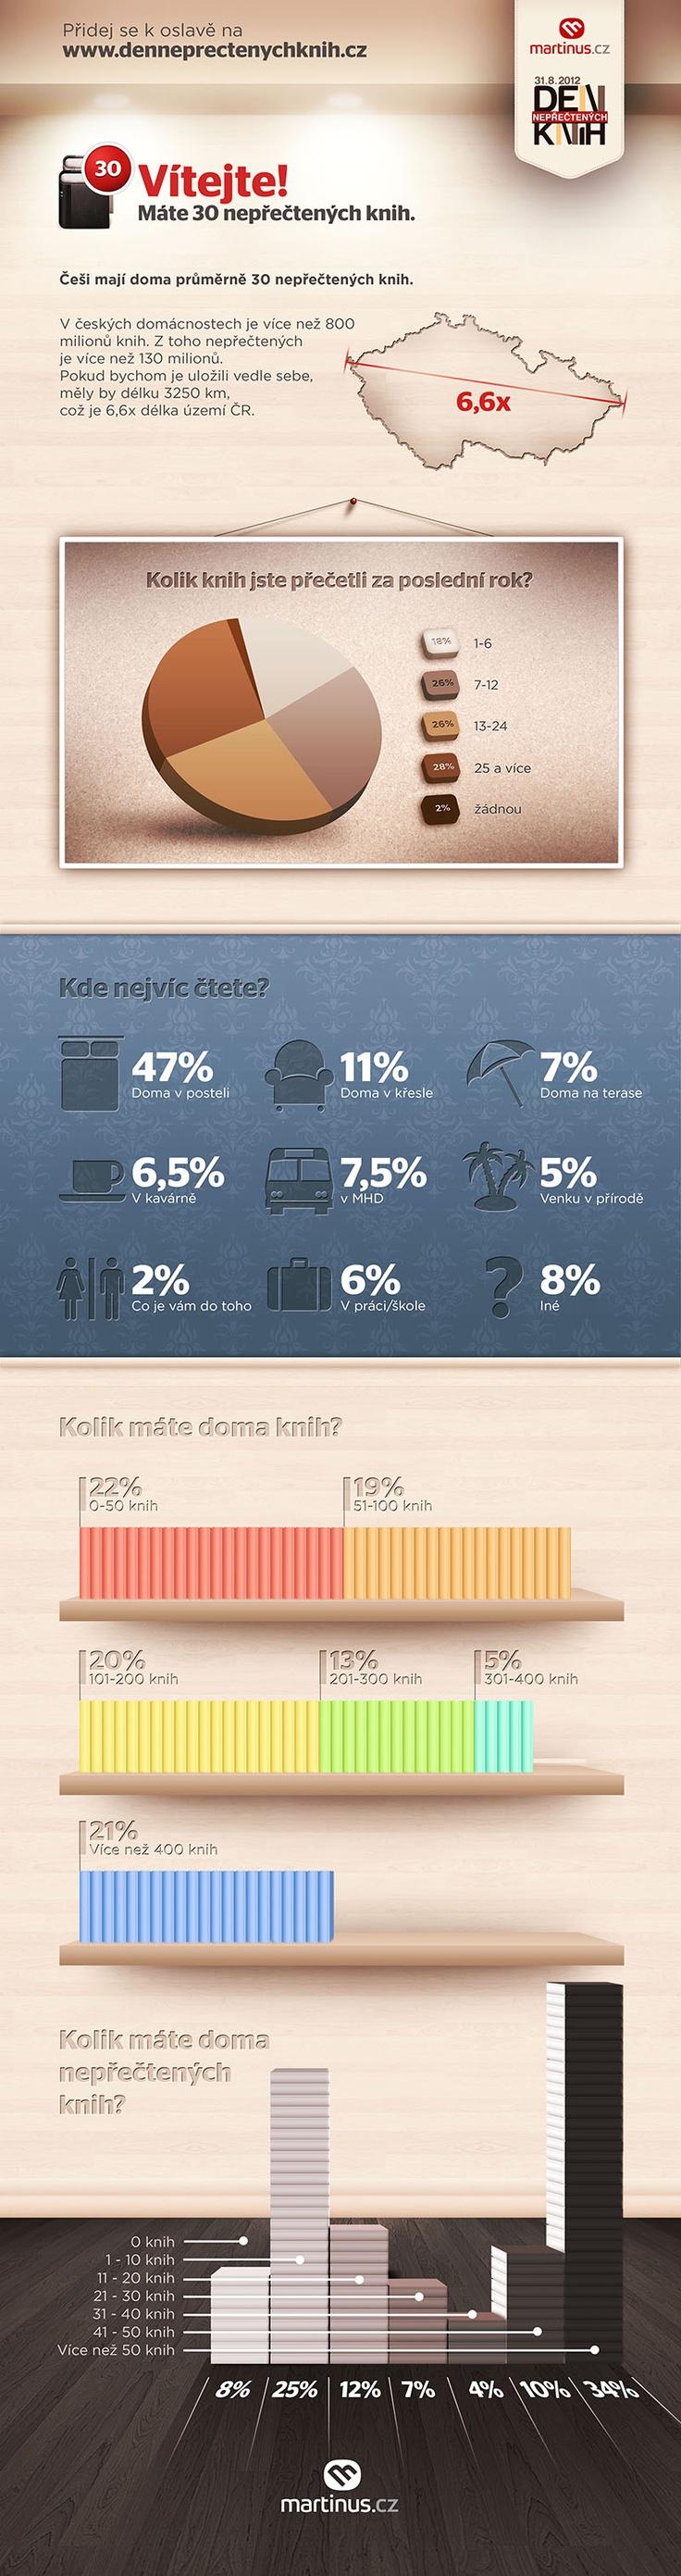 Kolik knih máme doma? Kde čteme nejčastěji? Víme všechno! Exkluzivní infografika čtení knih v ČR! #dnk2012